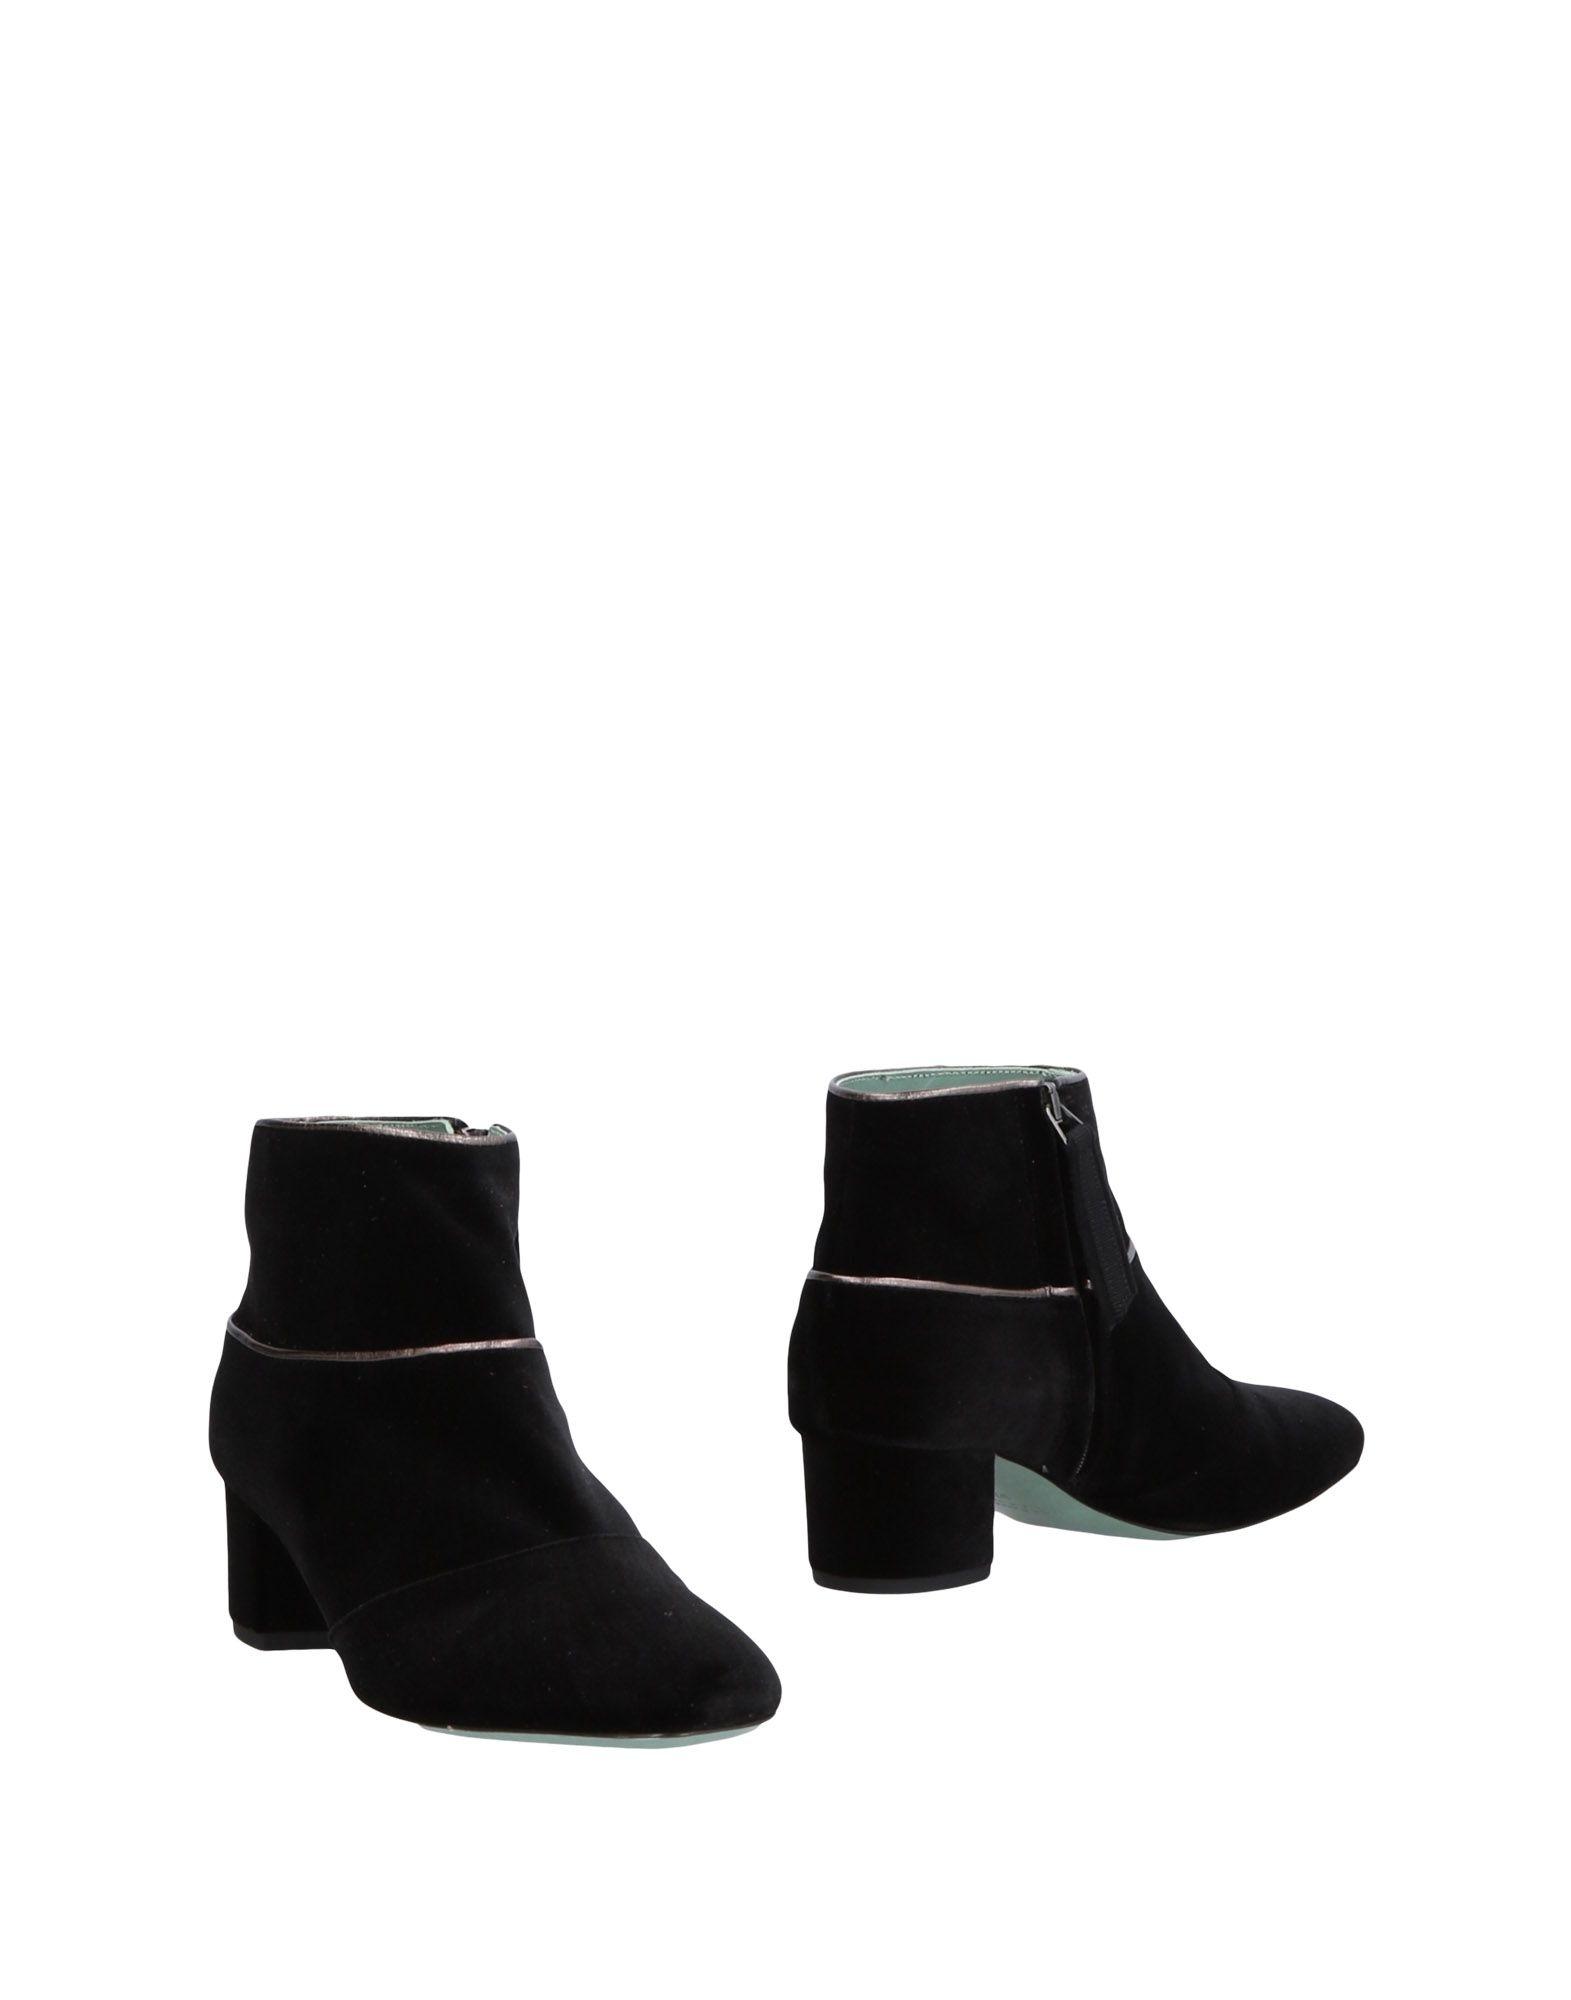 Paola D'arcano Stiefelette Damen  11459834ACGut aussehende strapazierfähige Schuhe